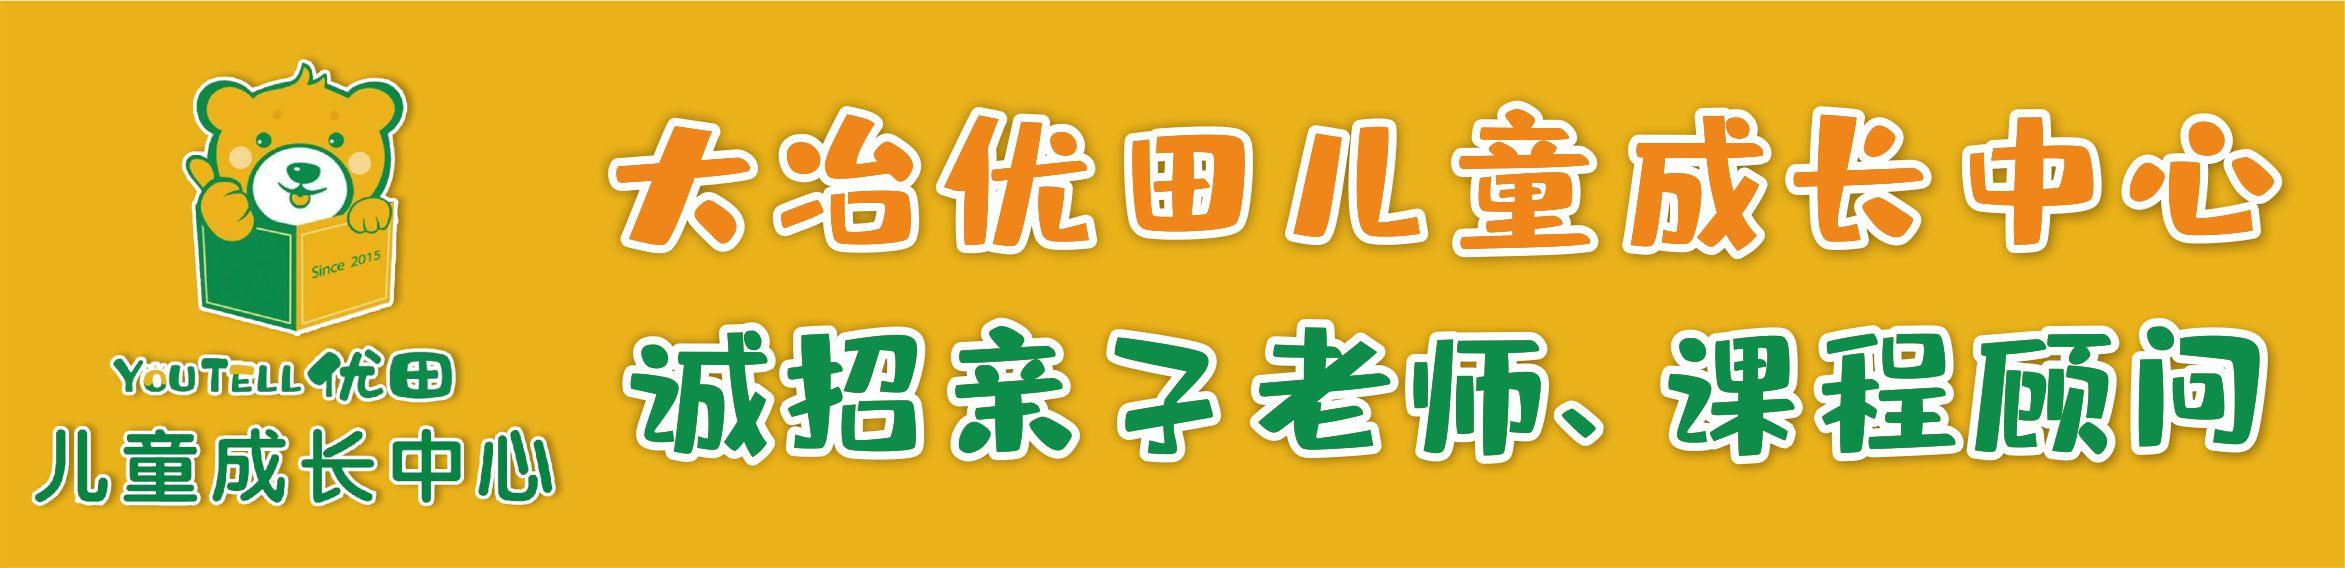 优田儿童成长中心